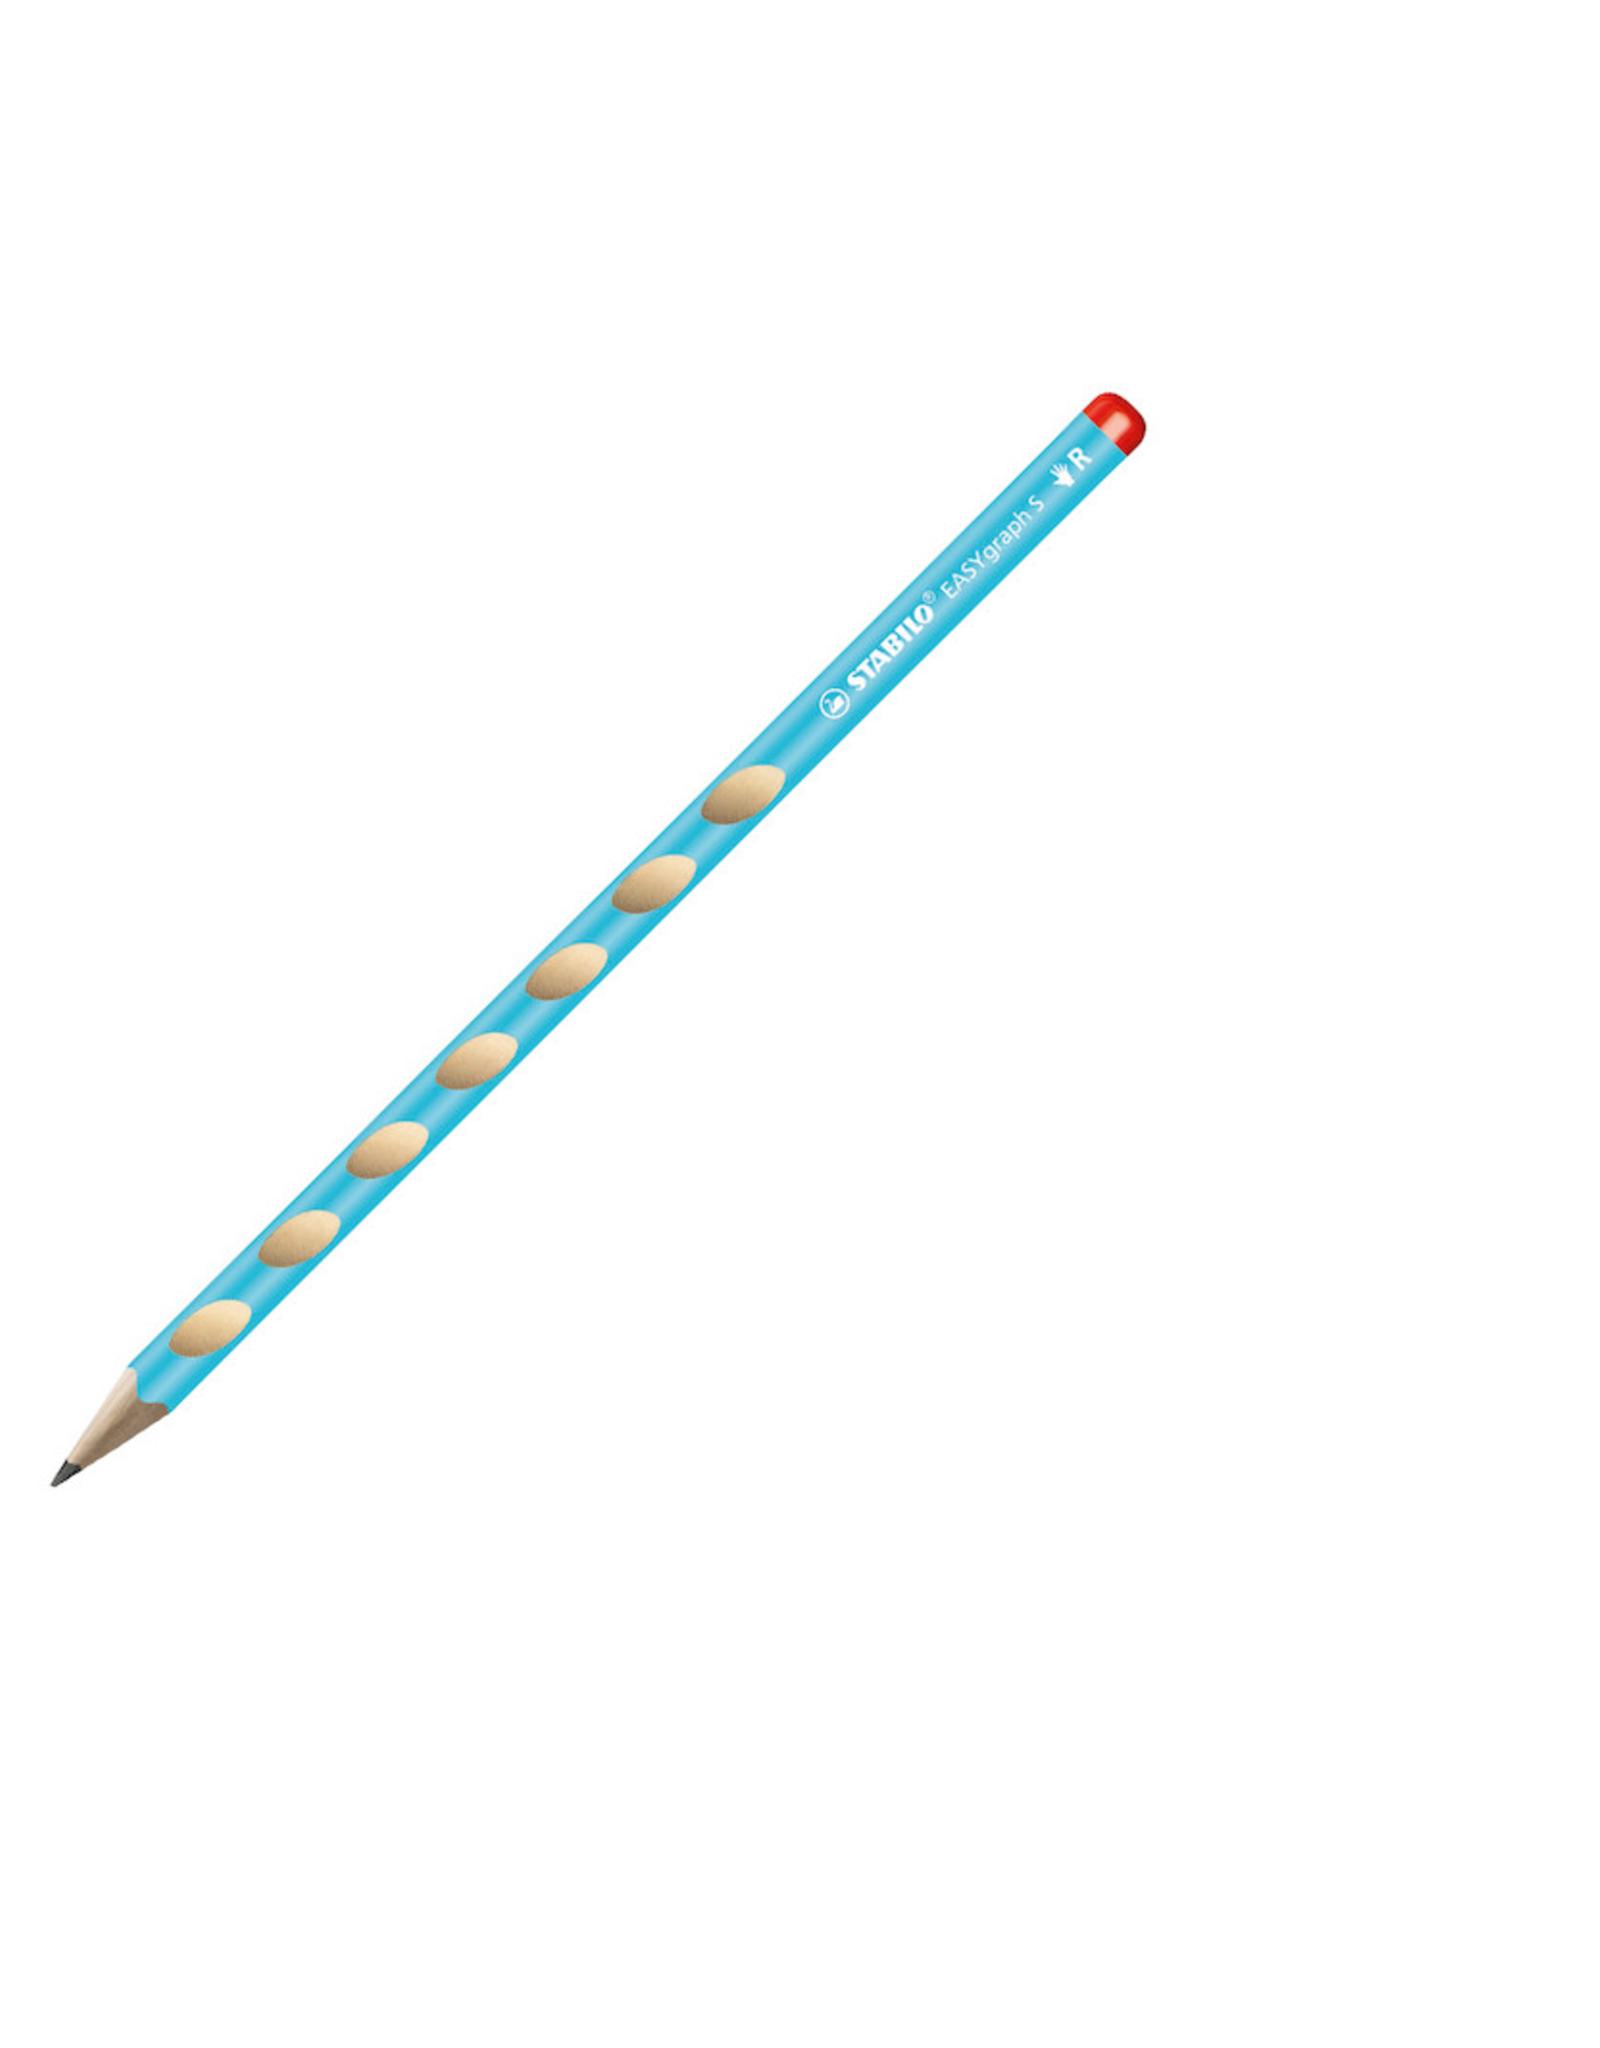 Stabilo Stabilo Easygraph Slim Right Blue Pencil (326/02-HB)